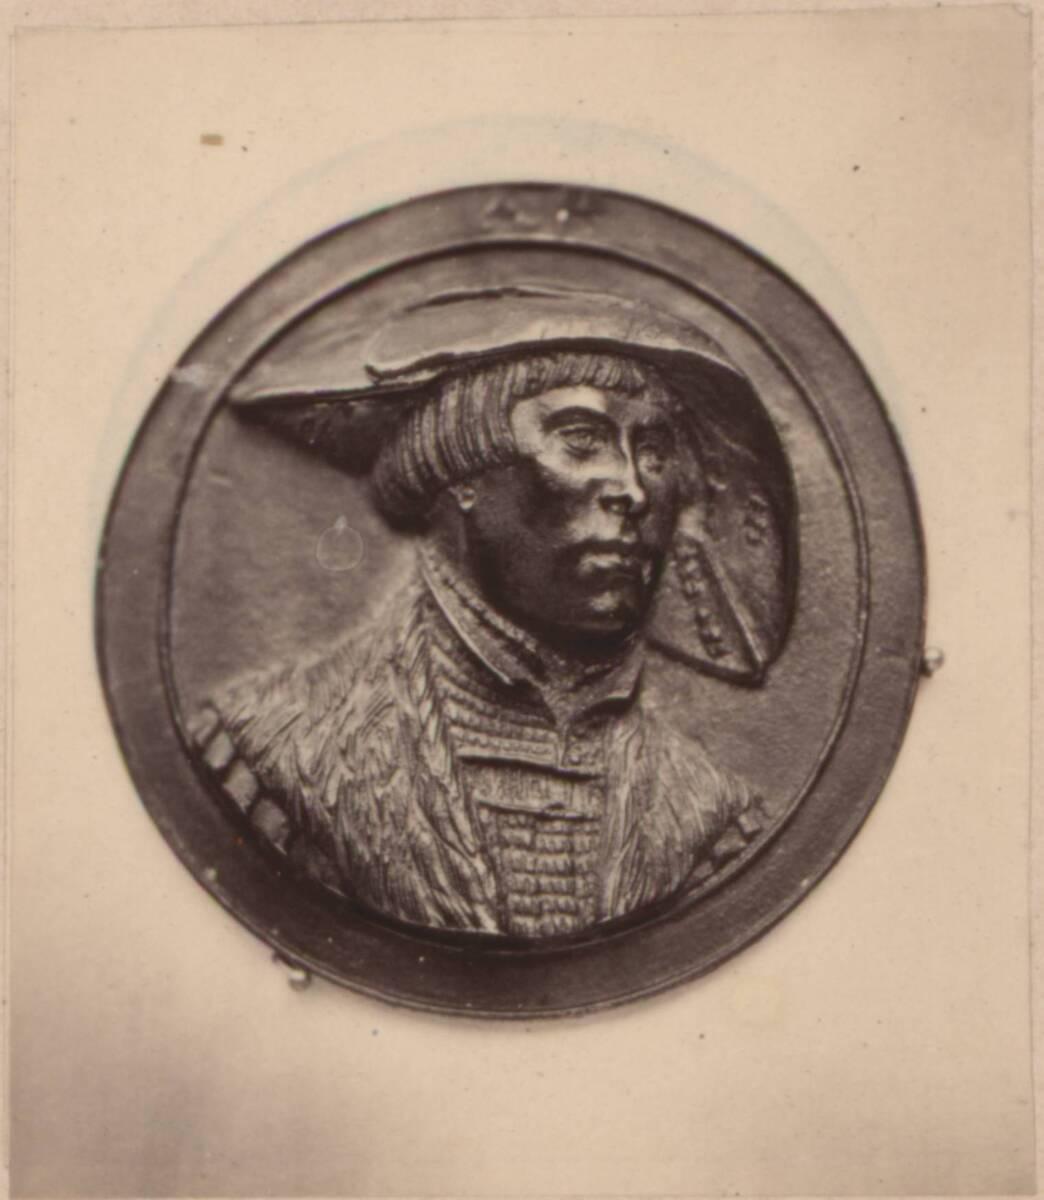 Fotografie einer Medaille mit dem Porträt von Hans Holbein d. J. (vom Bearbeiter vergebener Titel) von Anonym